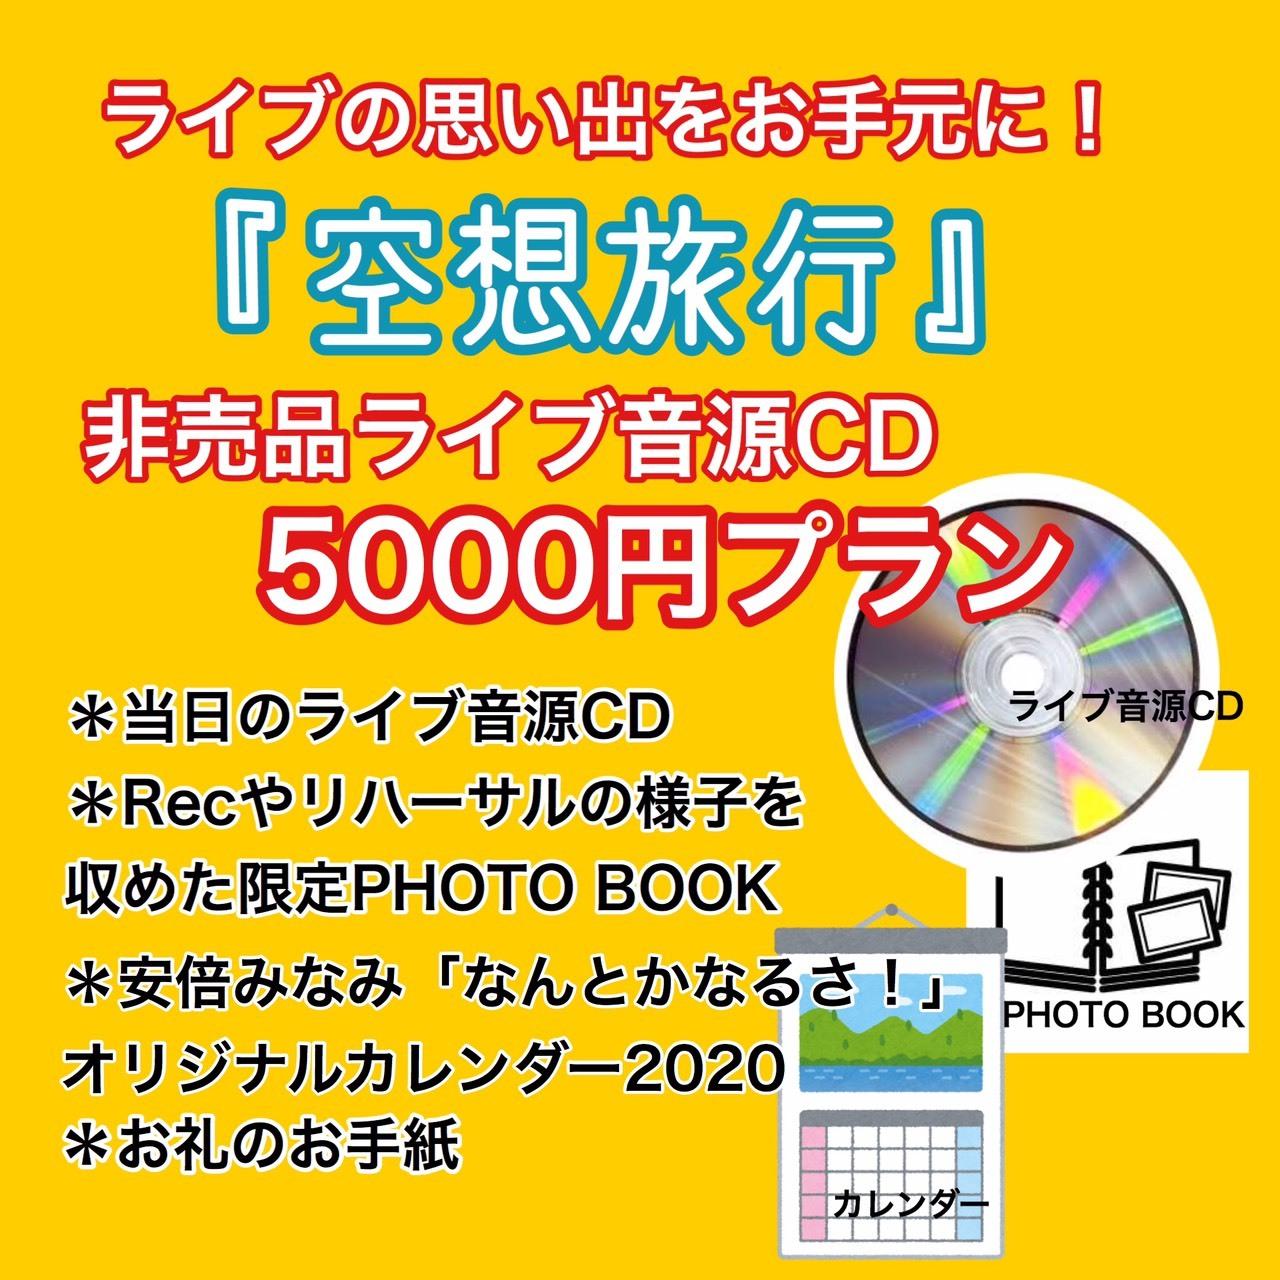 ライブ音源CD+カレンダー+PHOTO BOOKプラン